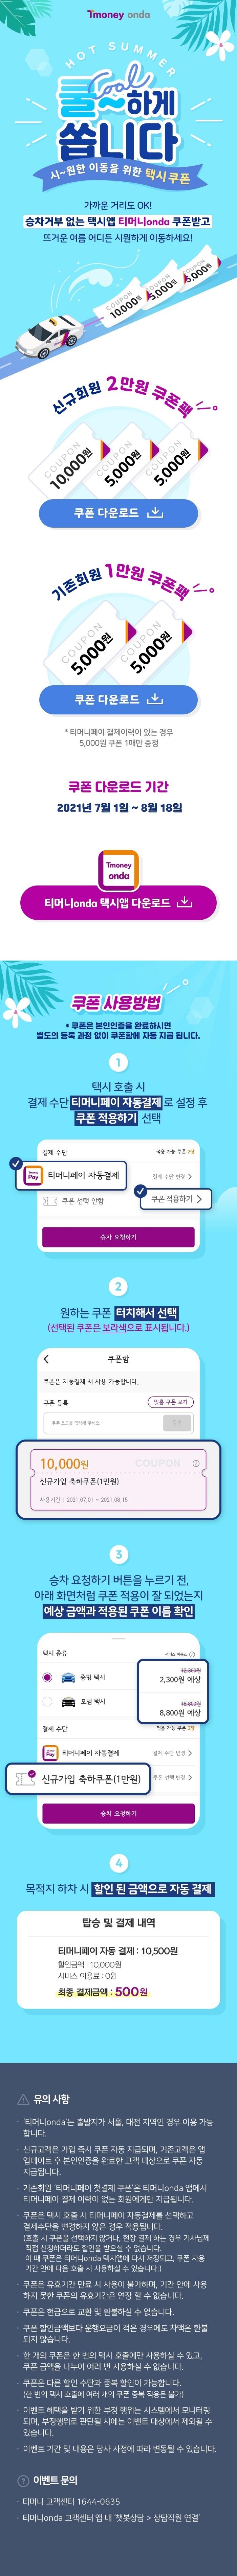 최대 2만원 쿠폰팩 - 티머니onda 신규 가입 or 앱 업데이트 시